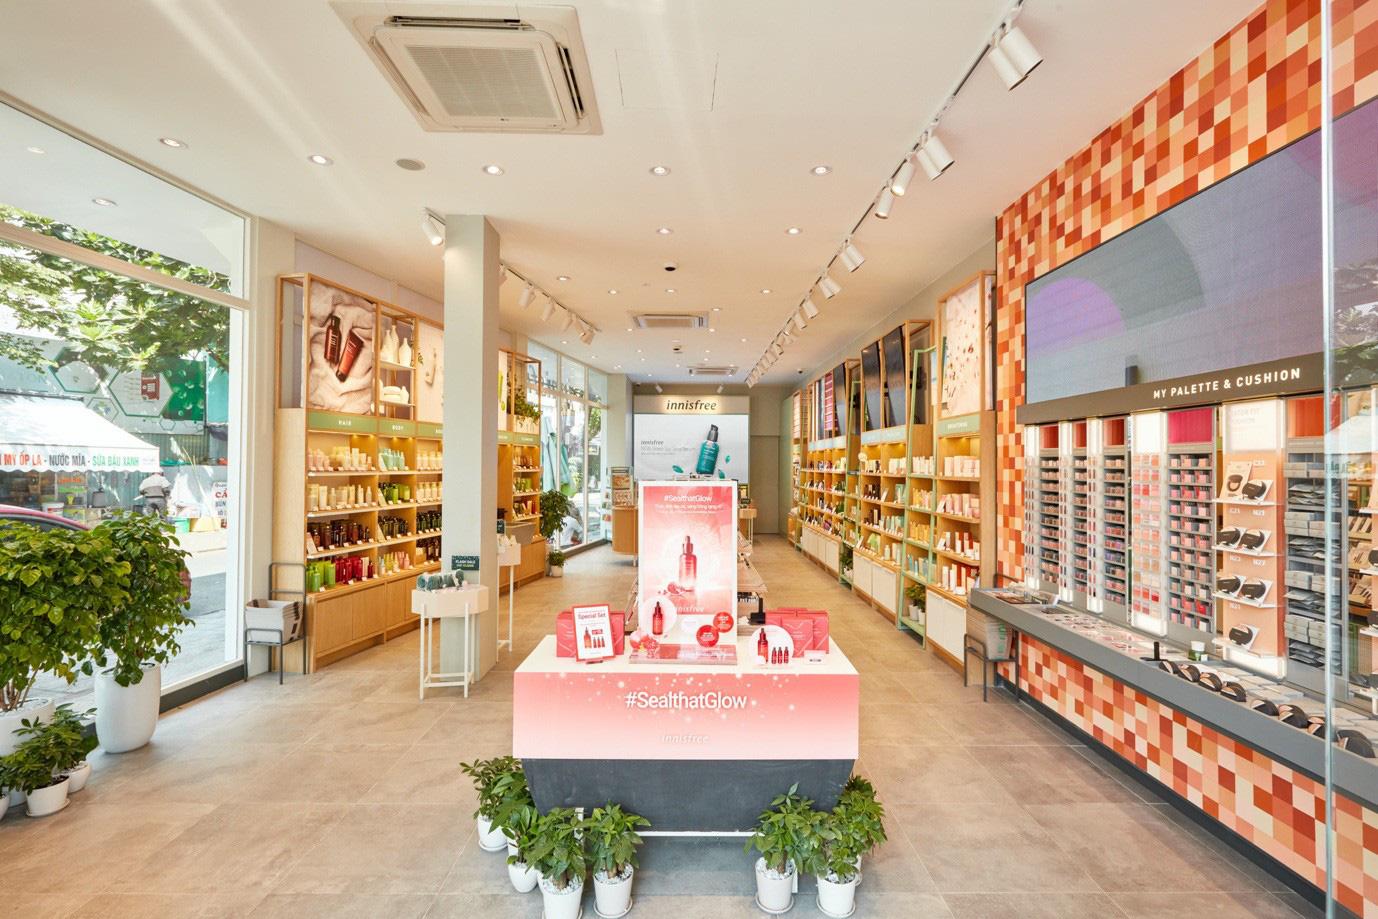 """Mở rộng chuỗi cửa hàng thân thiện với môi trường, innisfree khai trương """"điểm dừng chân xanh"""" đầu tiên tại Đà Nẵng - Ảnh 2."""